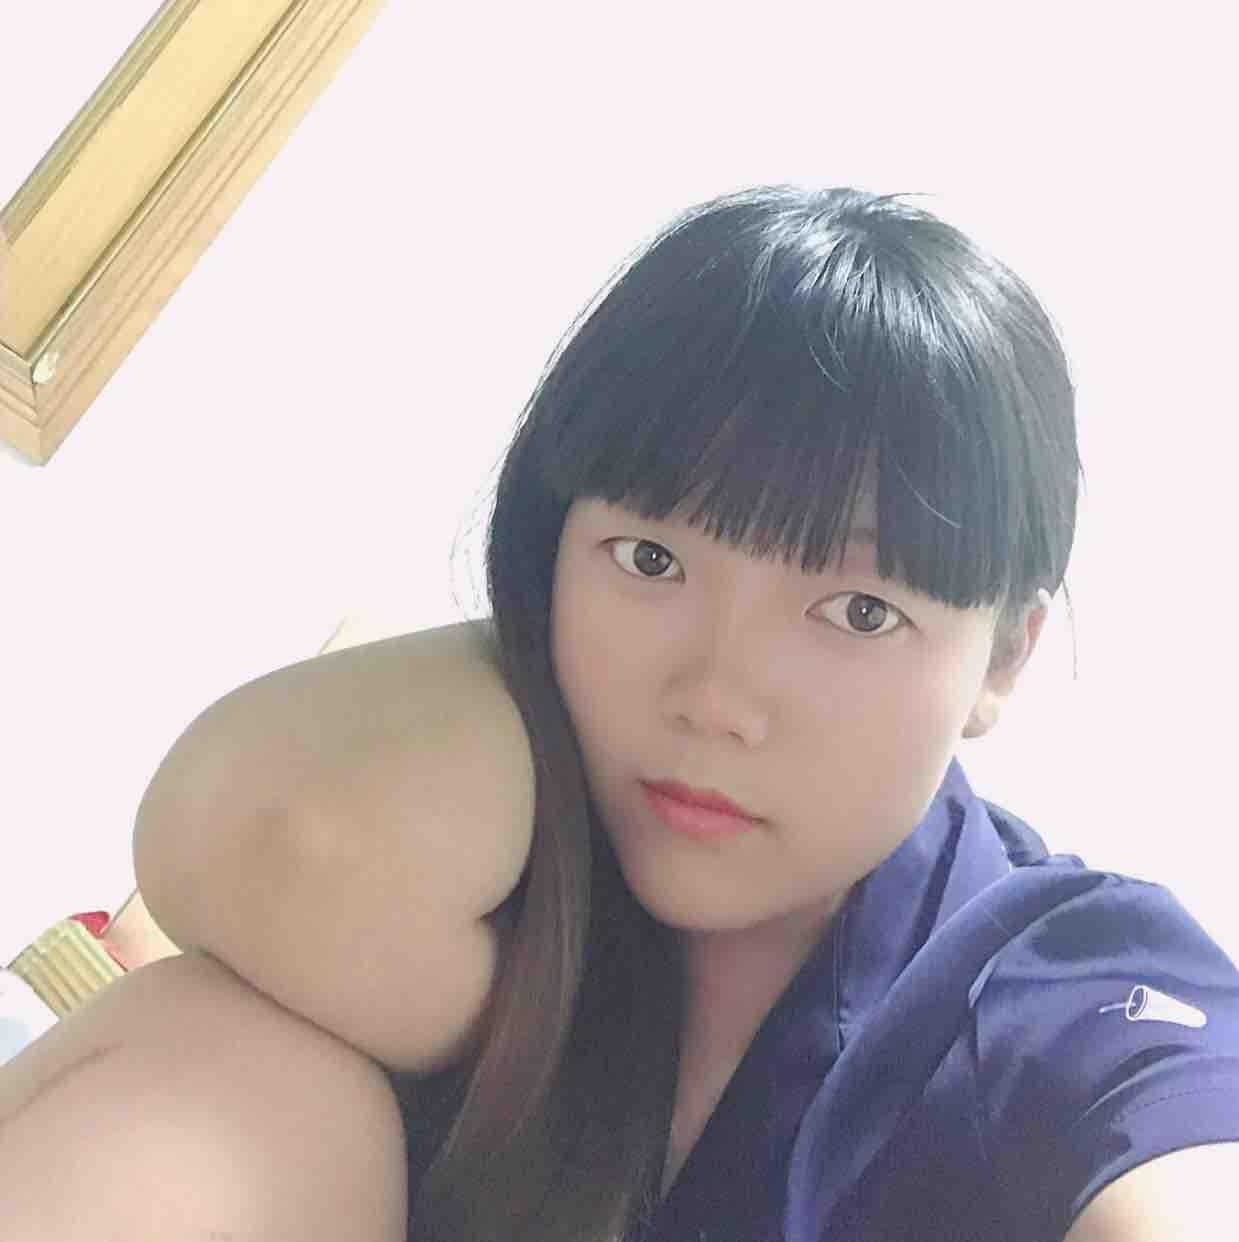 韩玲玲84863